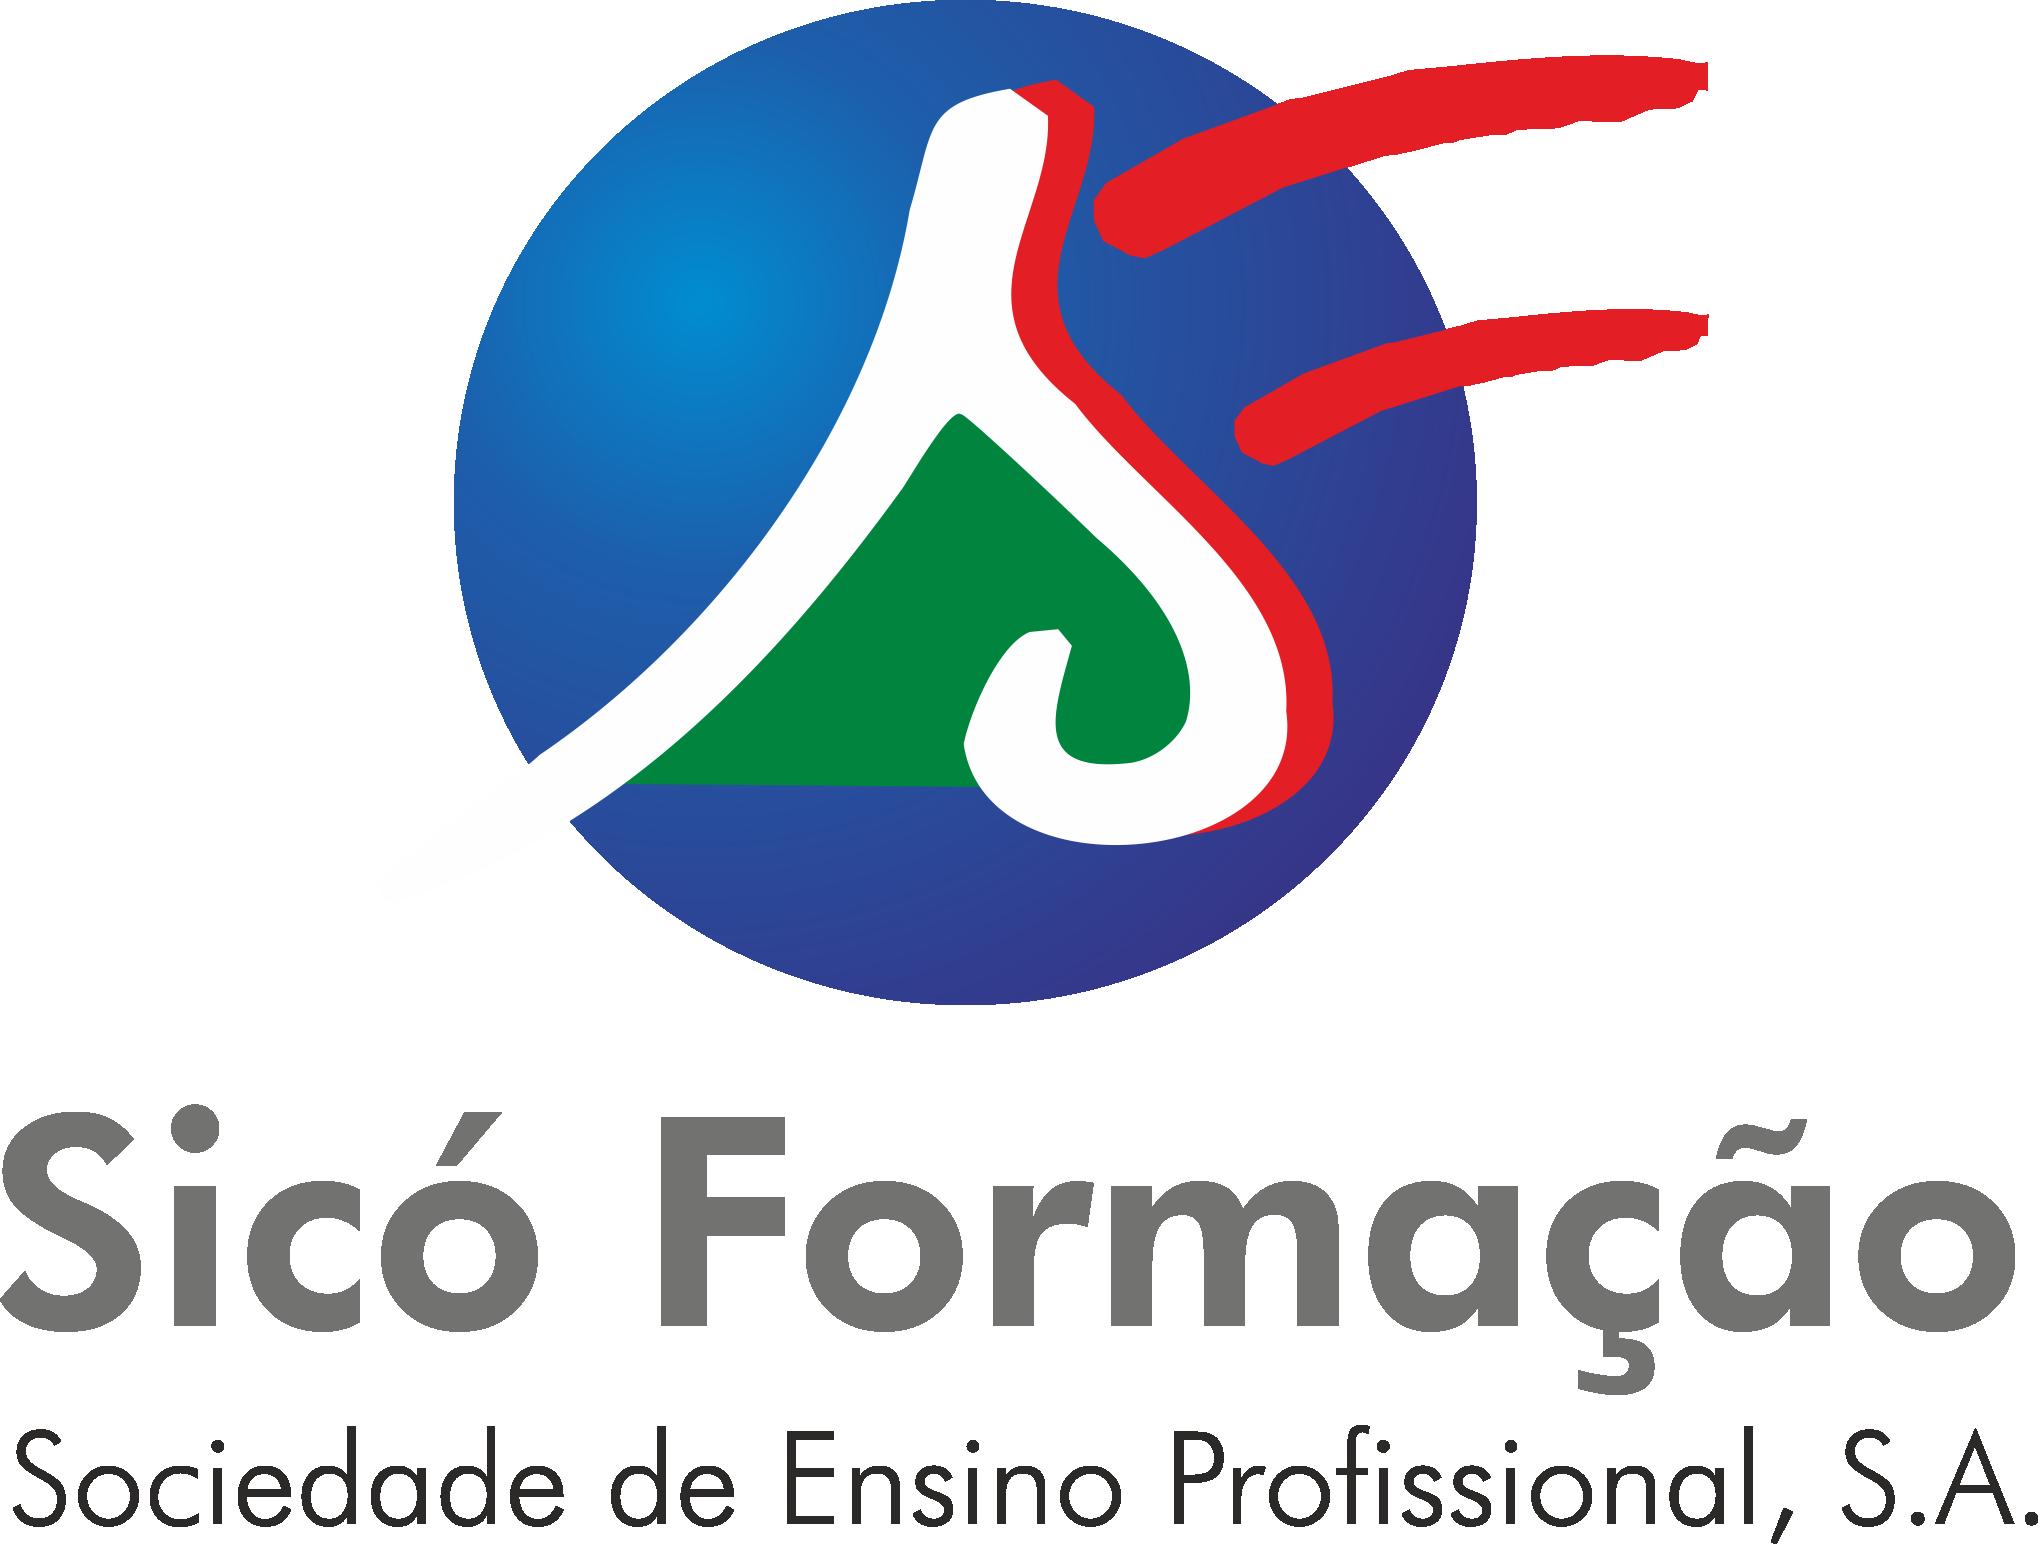 ETP Sicó - Escola Tecnológica e Profissional de Sicó.png